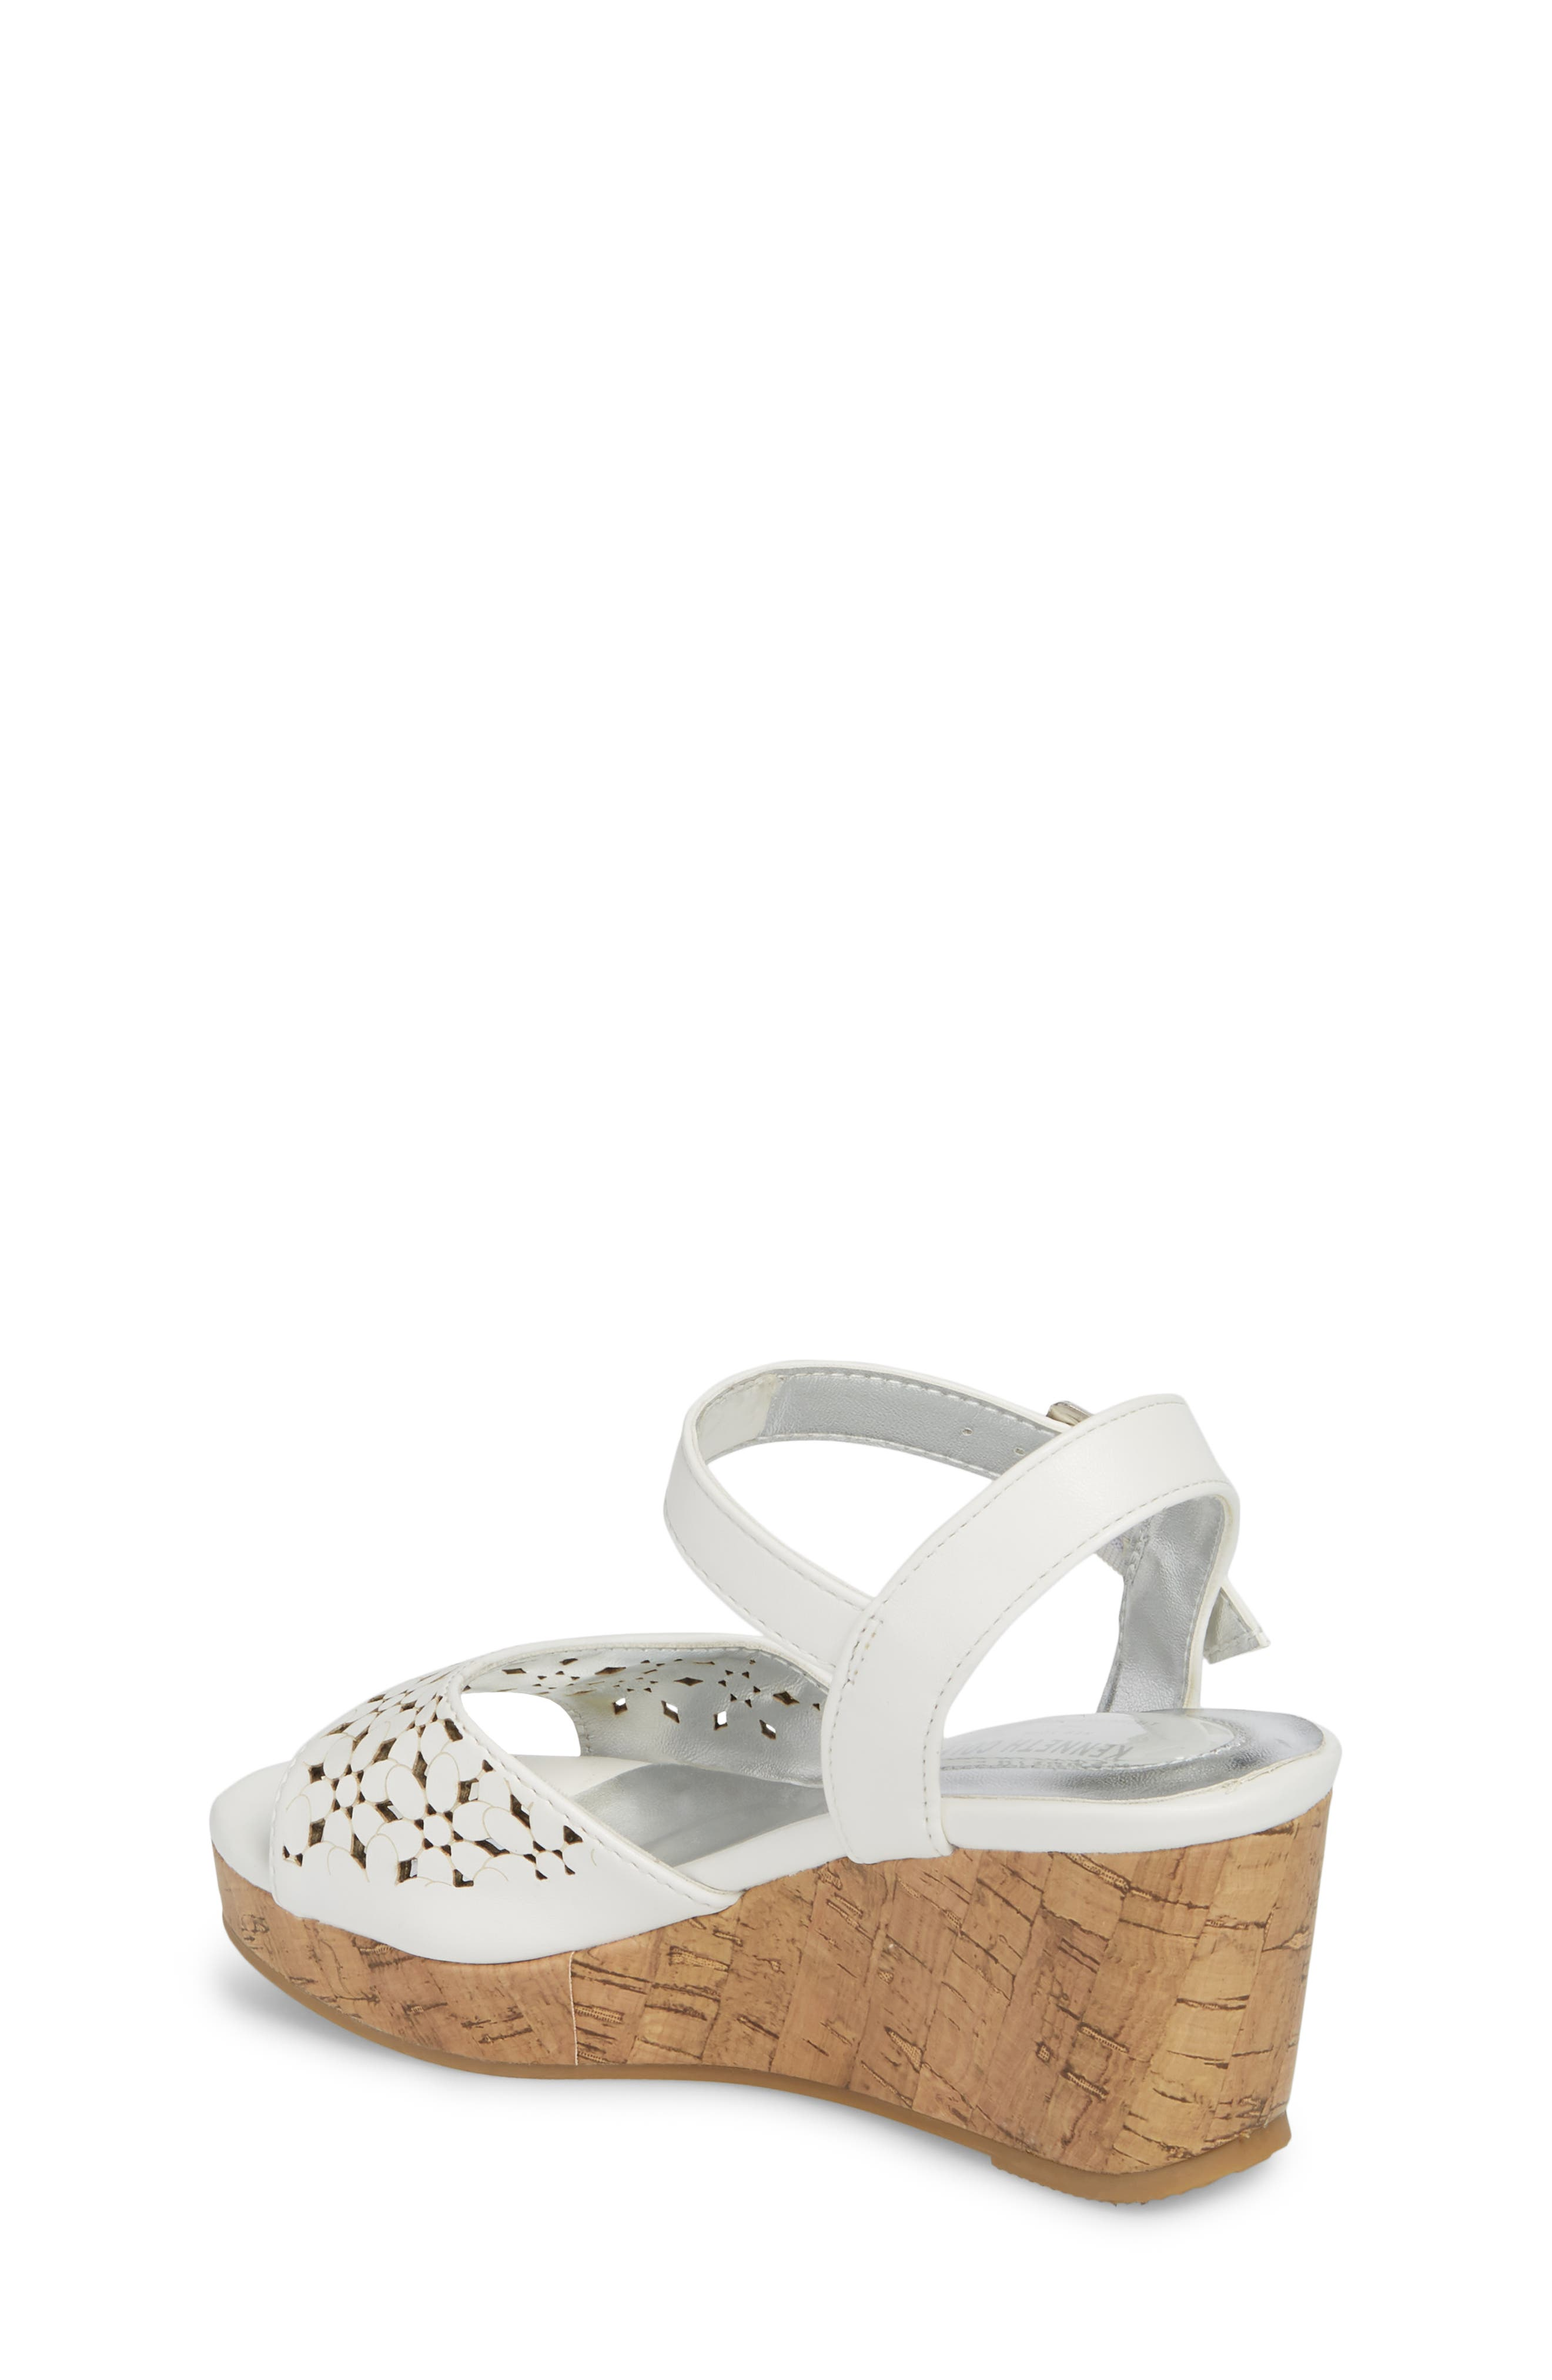 Corrine Flower Wedge Sandal,                             Alternate thumbnail 2, color,                             White